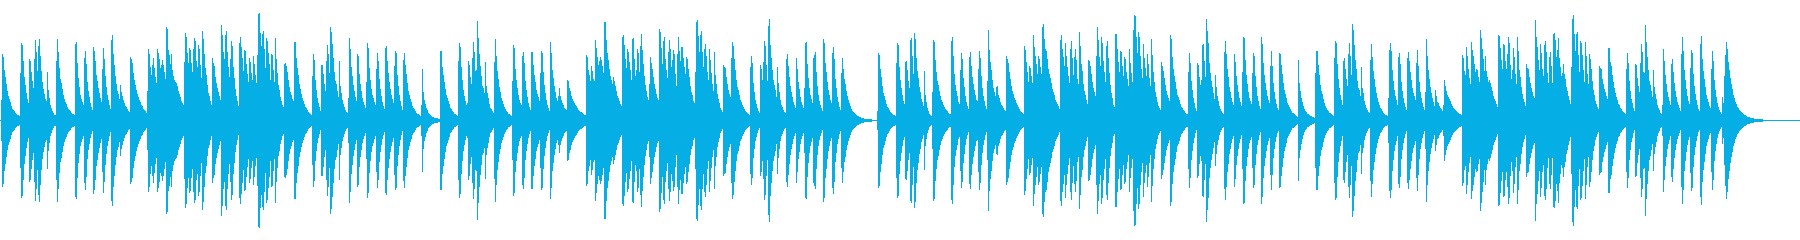 お正月 18弁オルゴールの再生済みの波形